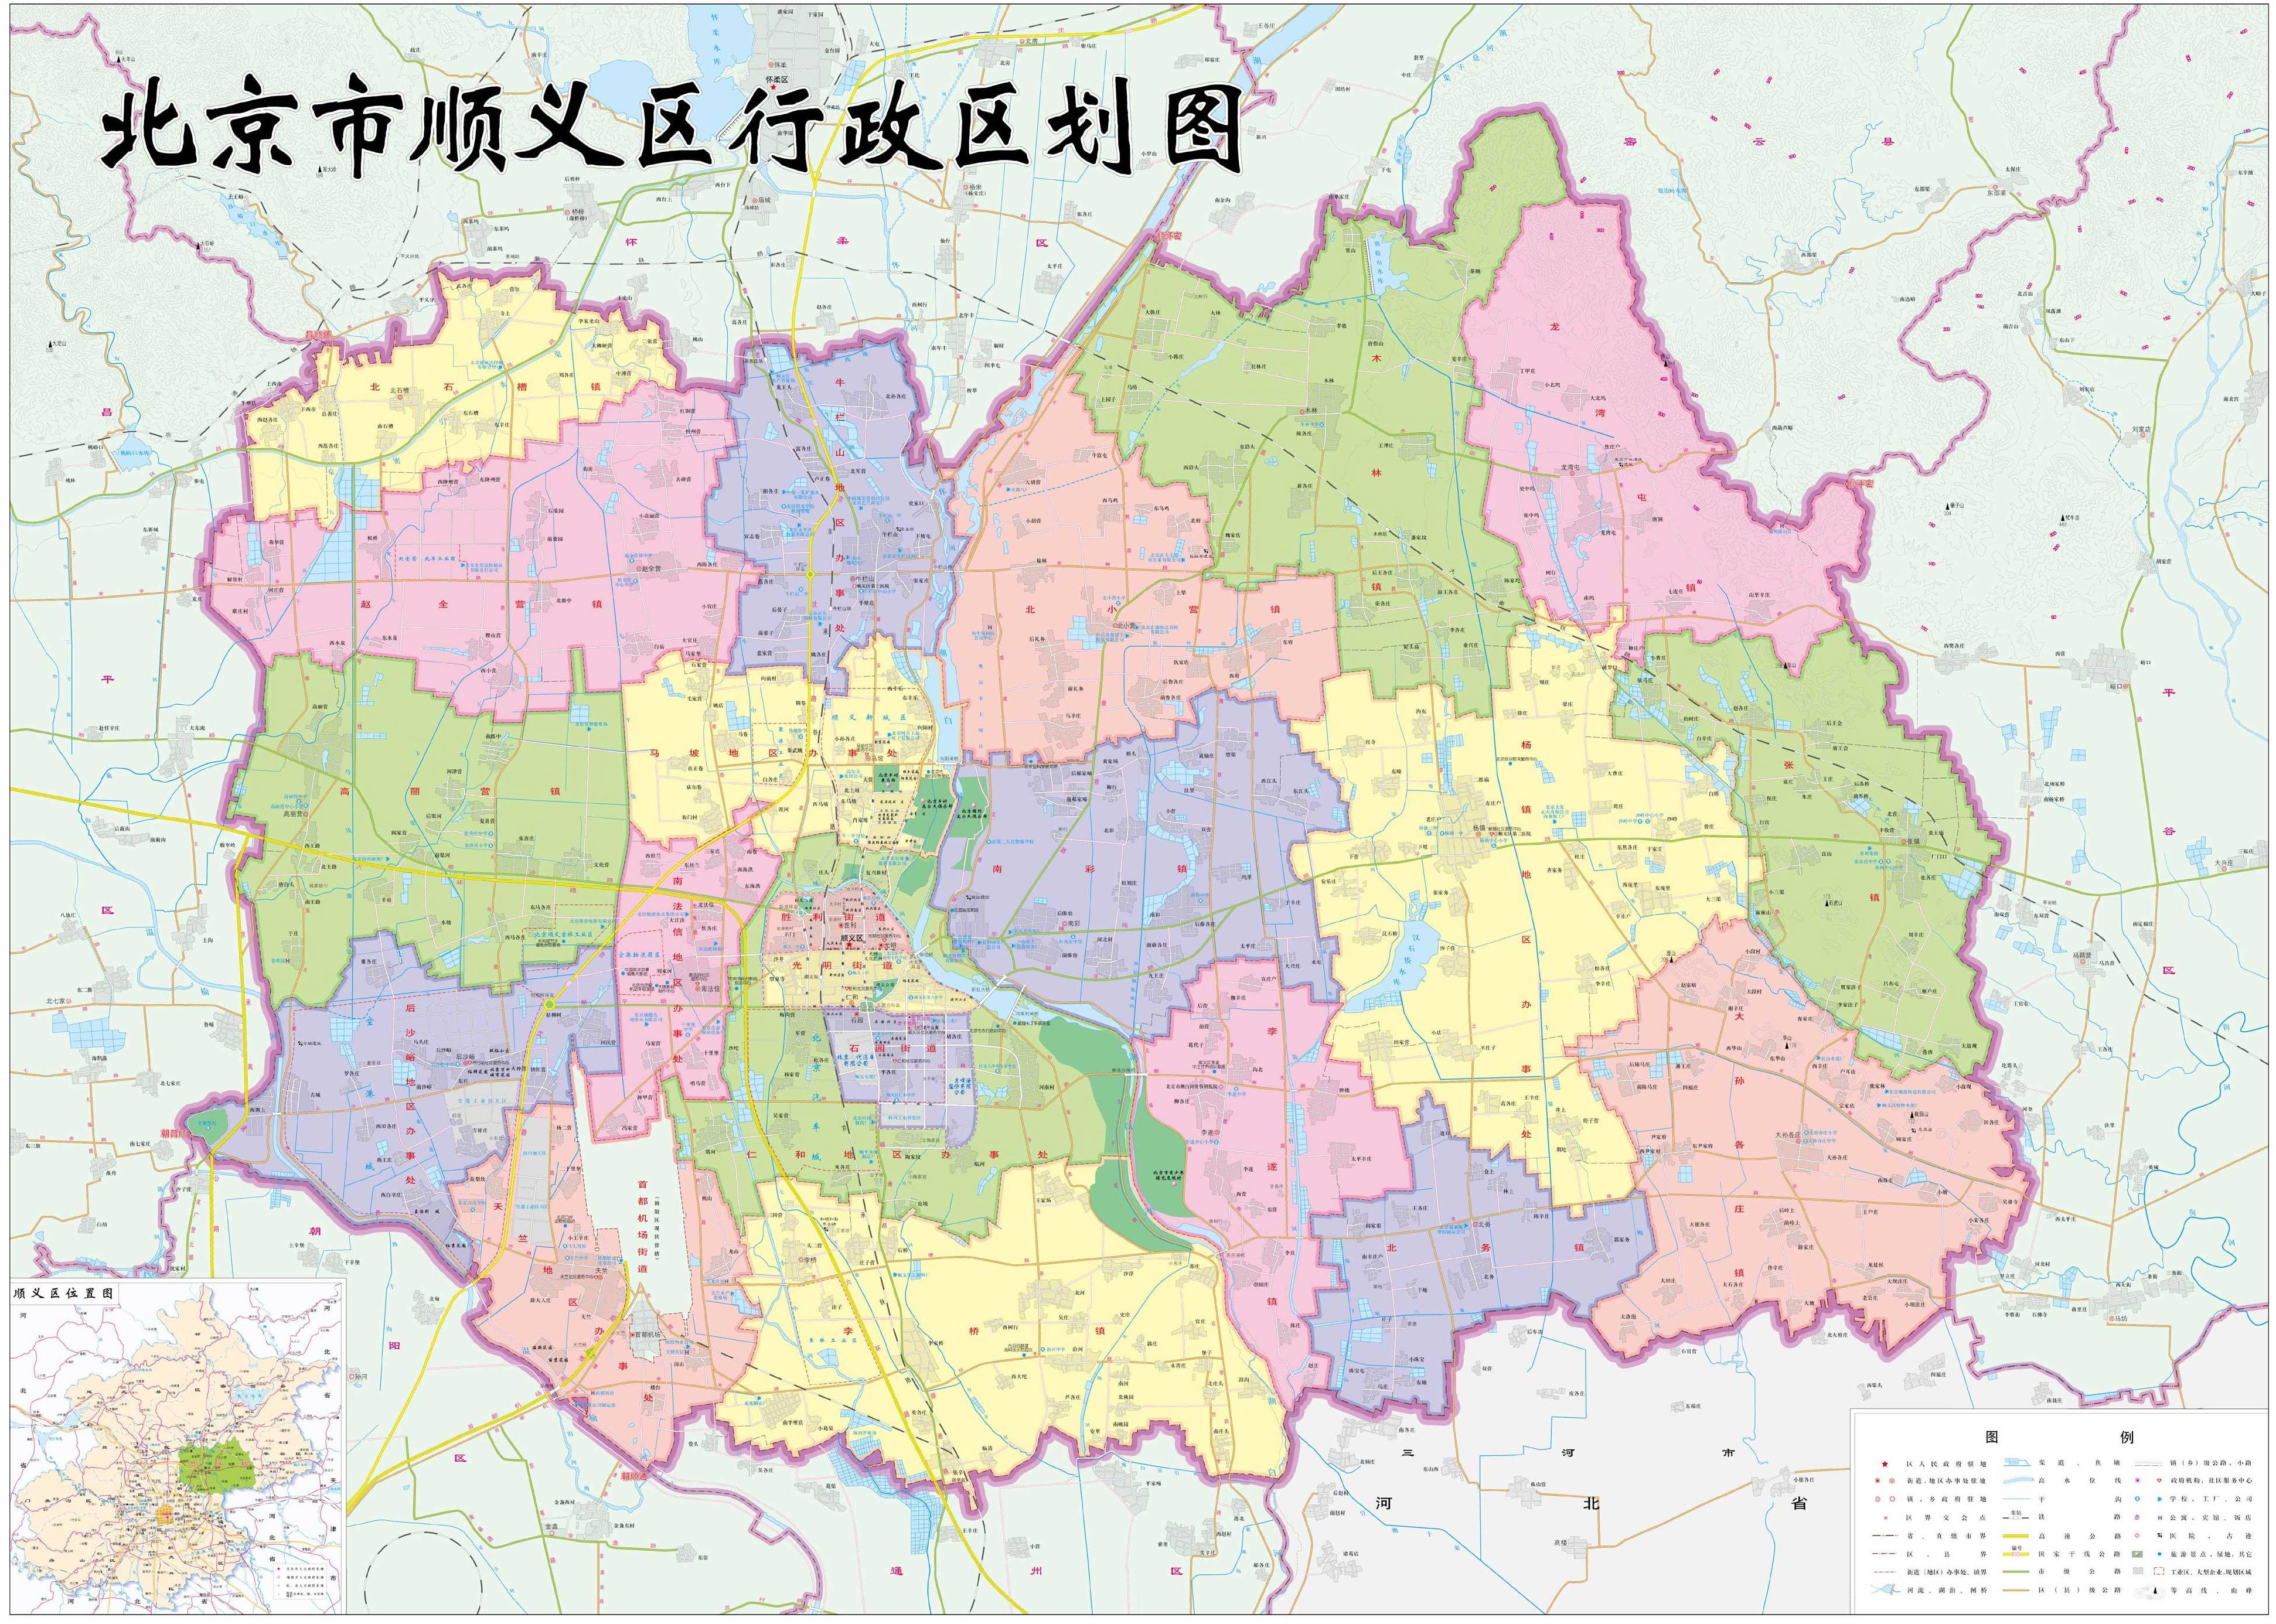 北京市顺义区行政区划图高清版_北京地图库